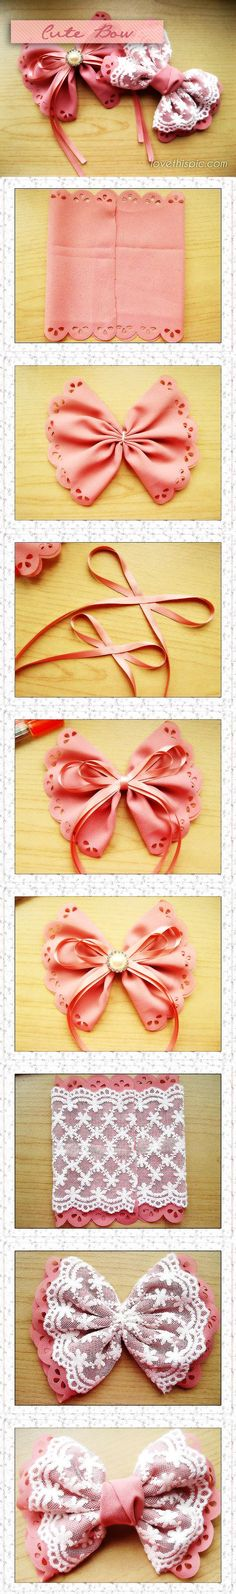 DIY Cute Bow cute bow bows diy girlie crafts easy craft diy easy diy crafts diy craft, easy diy easy crafts diy diy fashion ideas craft ideas  fun diy